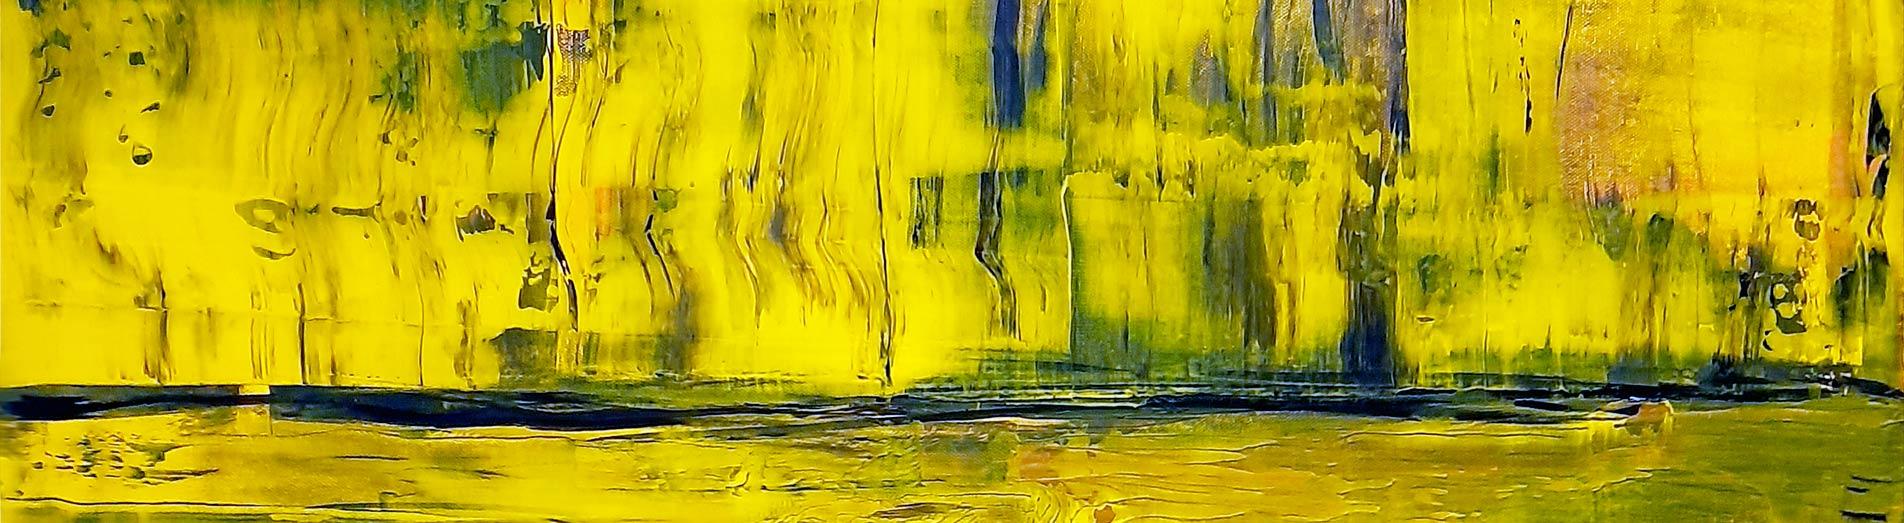 Extravaganza, modern art by Patrick joosten